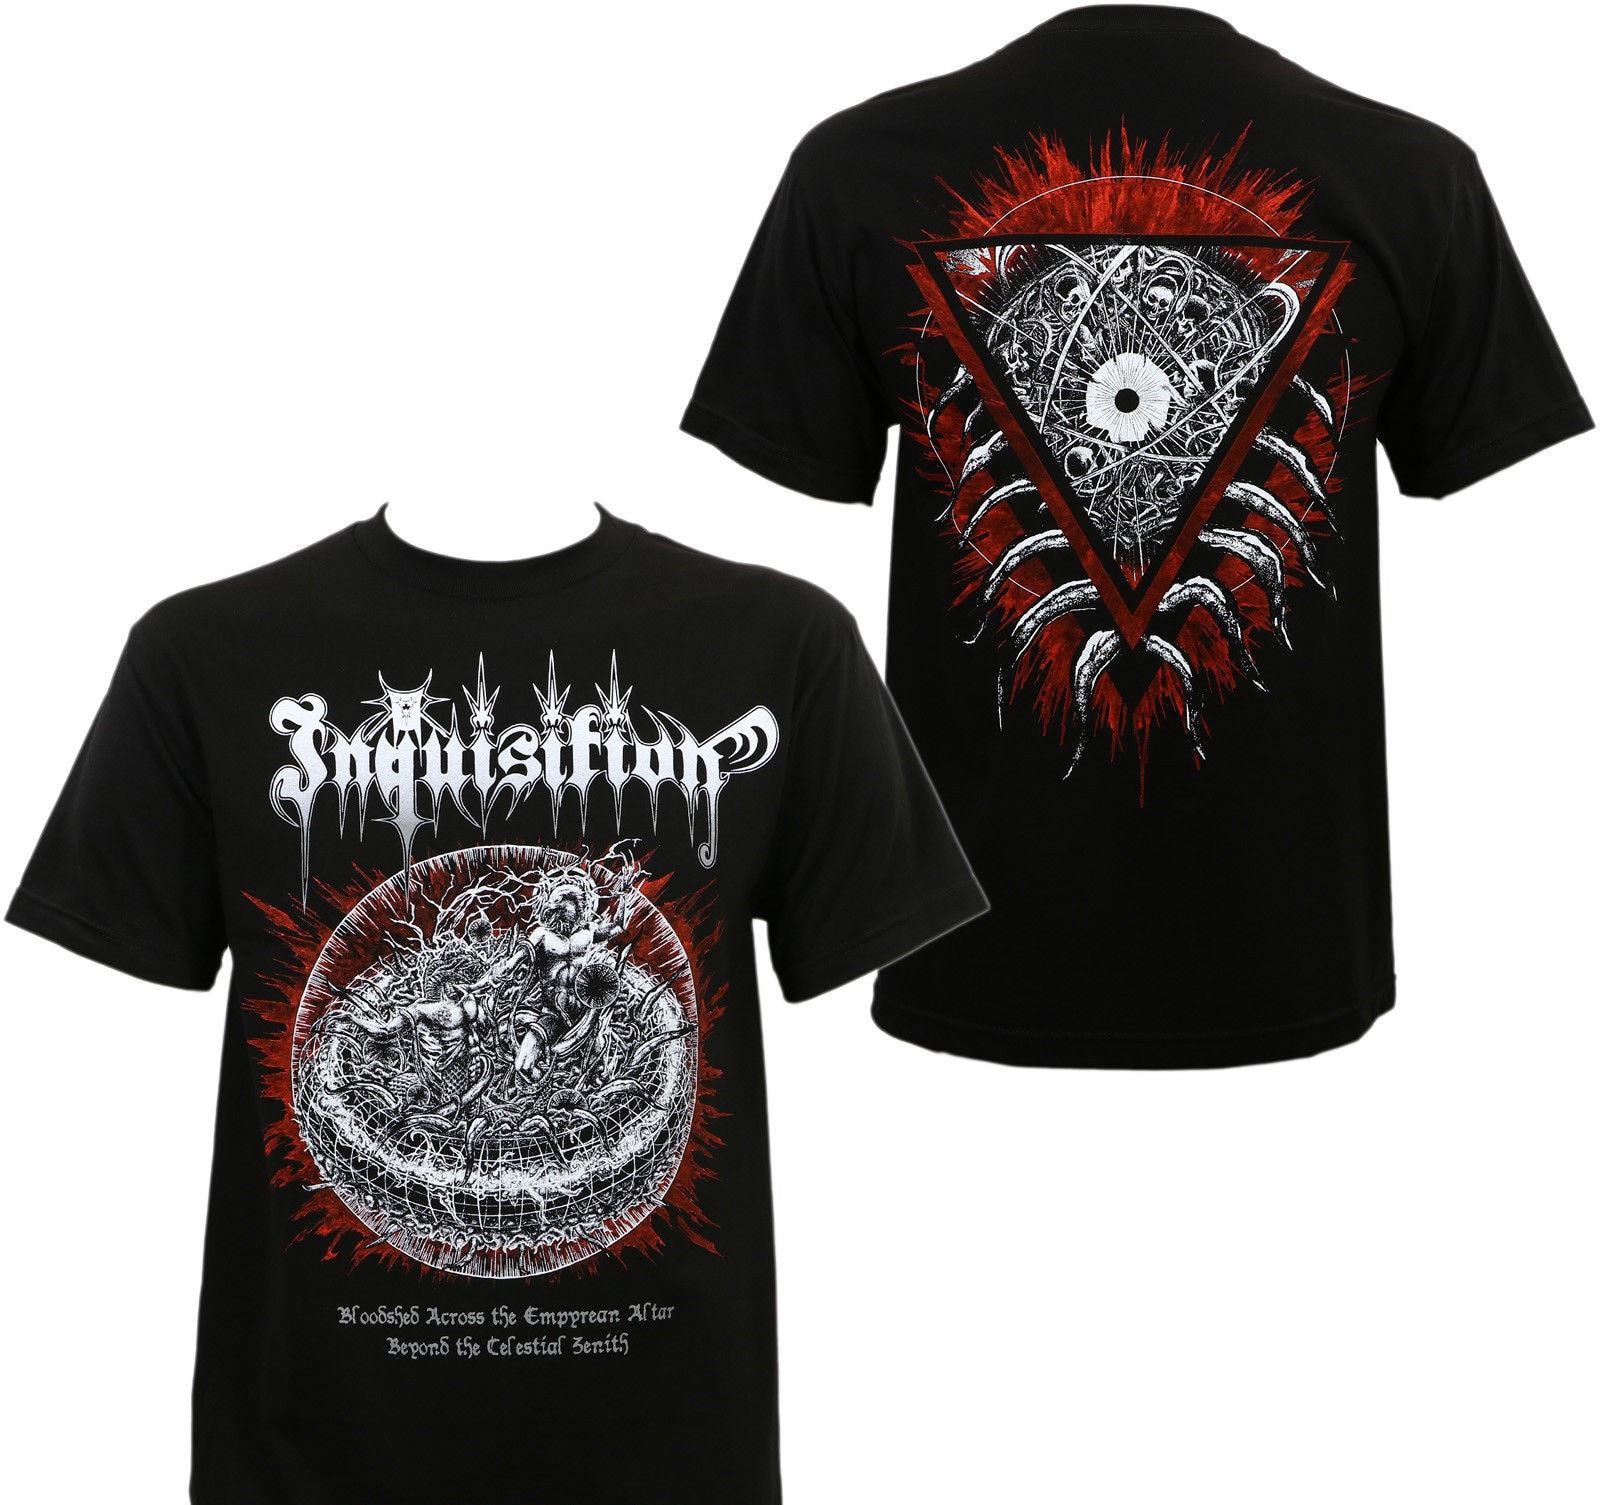 Camiseta con cuello redondo de verano, camisetas a la moda con personalidad para hombres, camiseta auténtica con banda Inquisición derramamiento de sangre S M L Xl 2Xl nuevo 031919